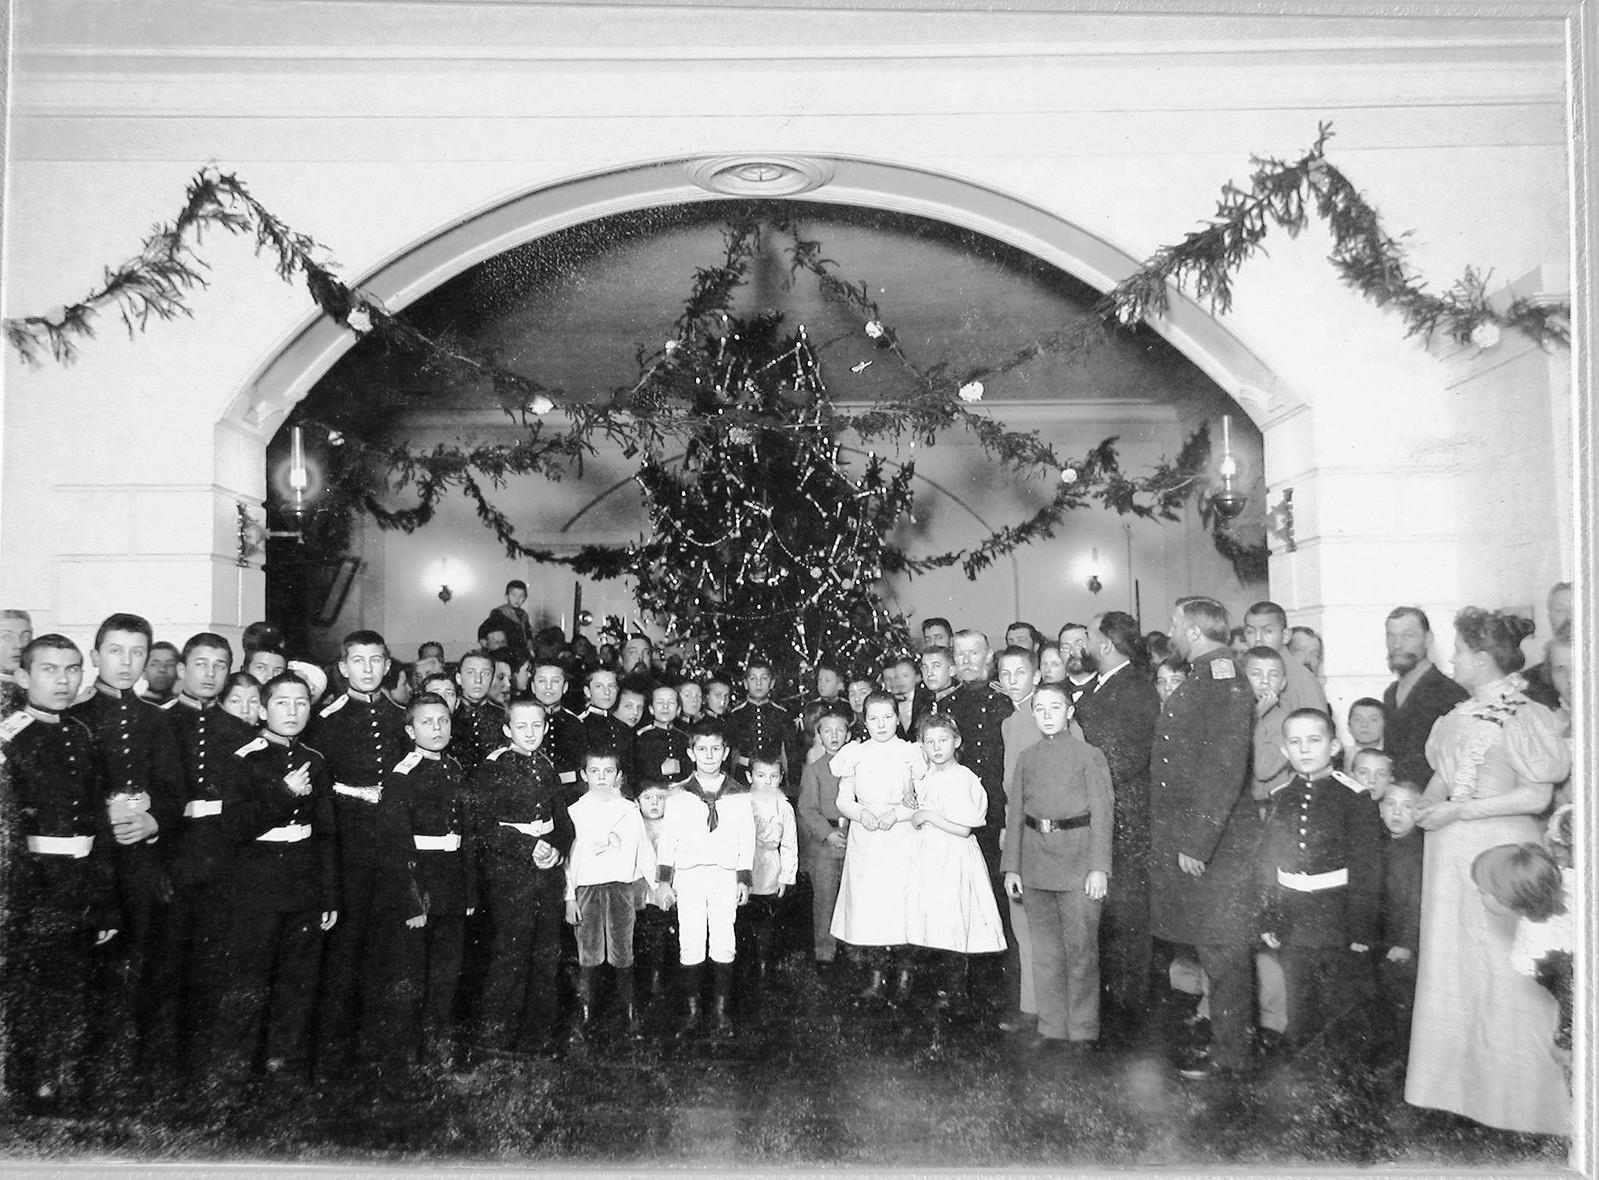 24. Преподаватели, воспитанники 3 кадетского корпуса и их гости в зале у рождественской ёлки. 1900-е.